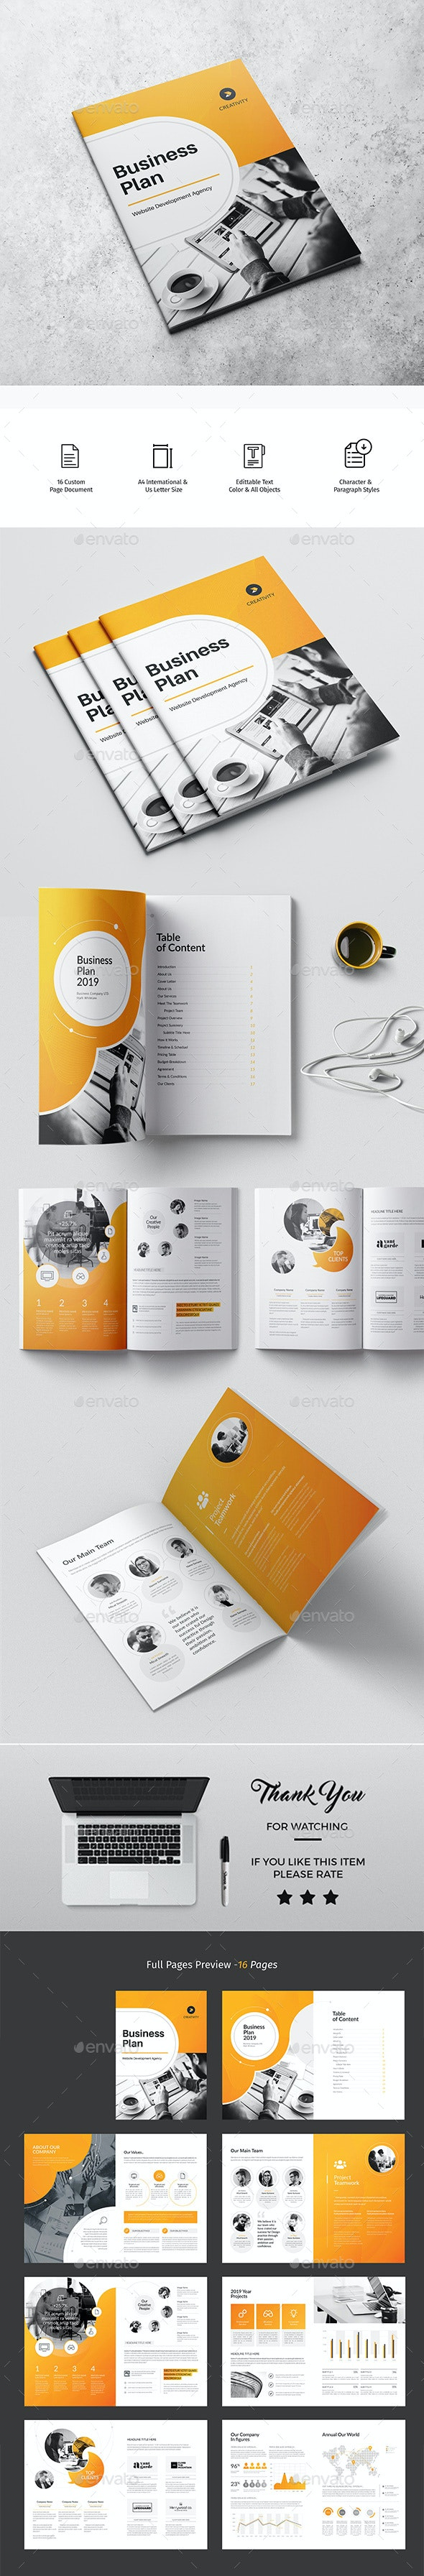 Business - Corporate Brochures